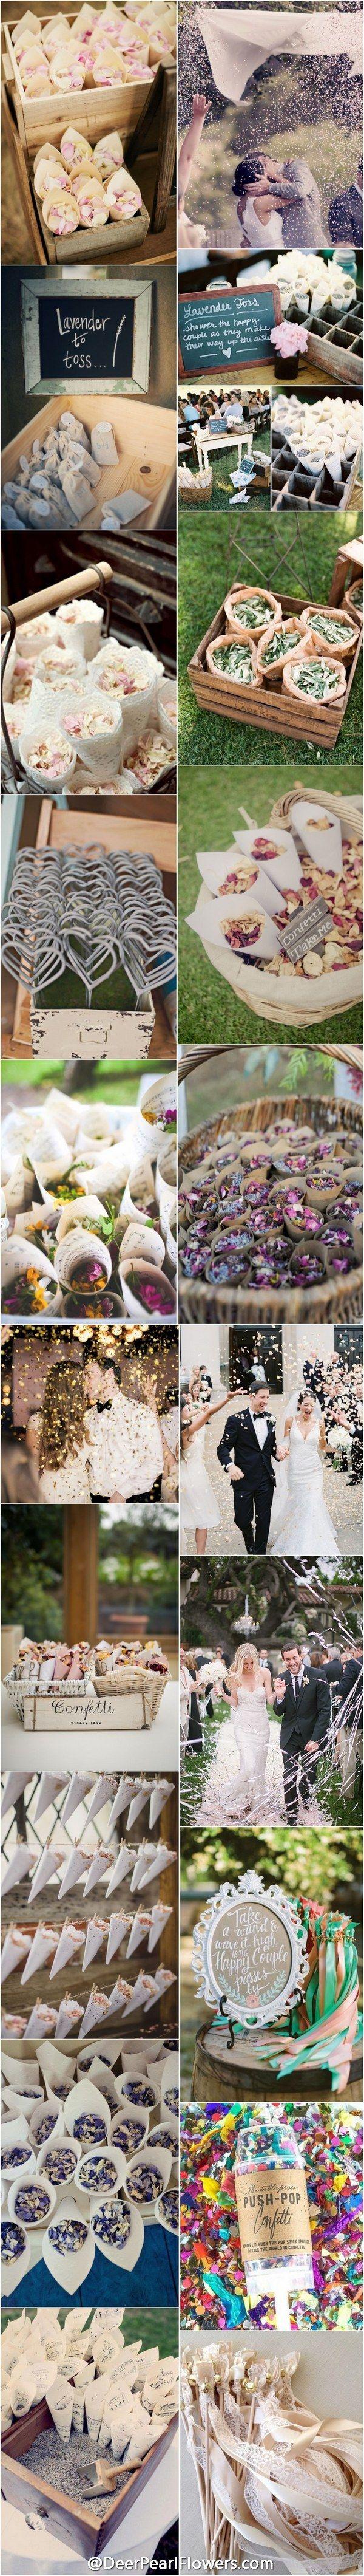 confetti exit ideas wedding send off ideas 25 Fun Creative Wedding Exit Send Off Ideas